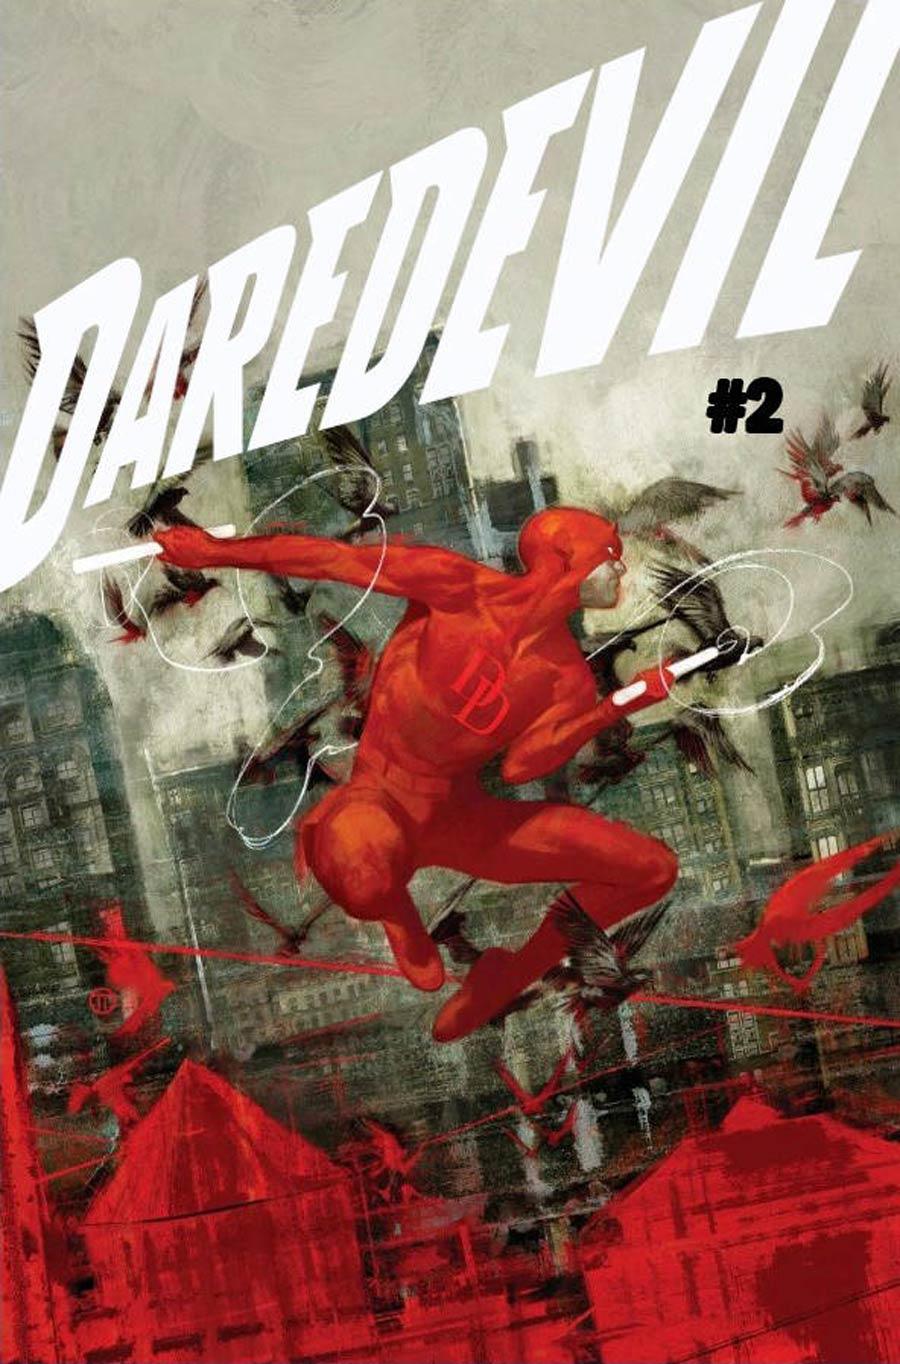 Daredevil Vol 6 #2 Cover A Regular Julian Totino Tedesco Cover